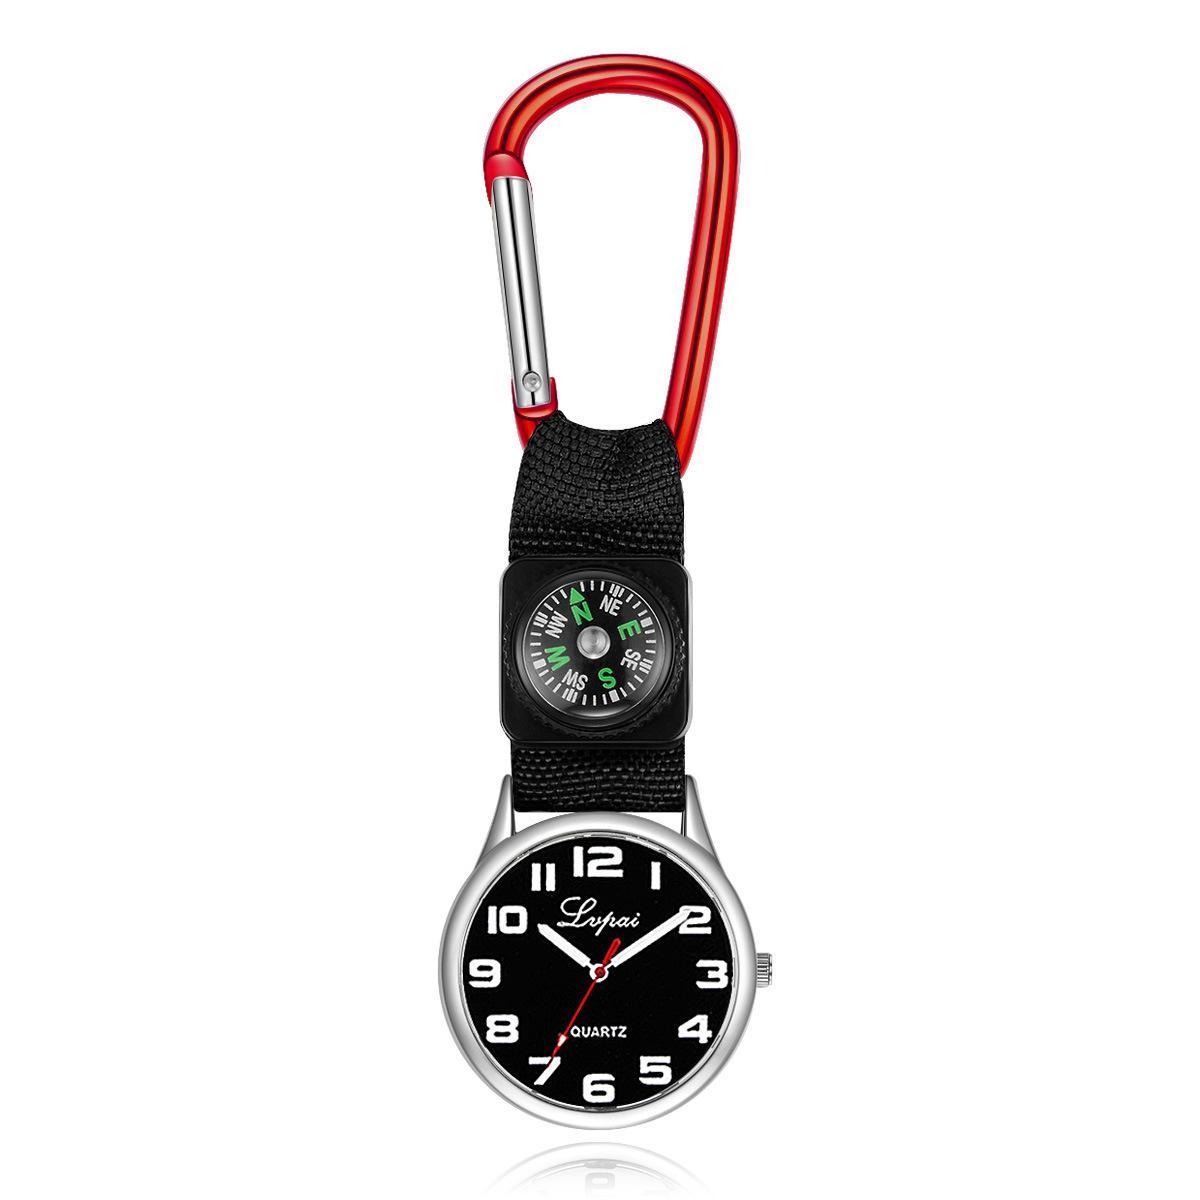 Großhandel 30 stücke Mischtuch Mode 37mm x 7mm 34g Quarz Damenuhr Frauen Kinder Studenten Freizeit Krankenschwester Taschenuhren CH021